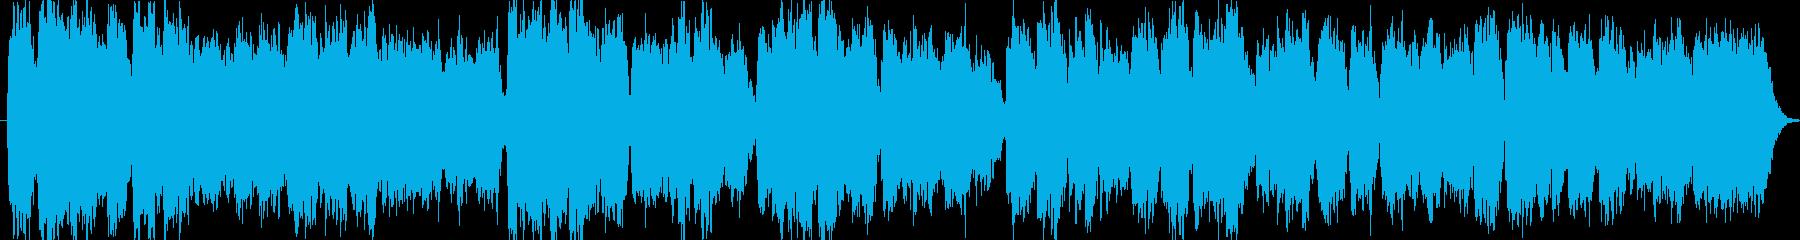 ノスタルジックでせつない木管三重奏です。の再生済みの波形